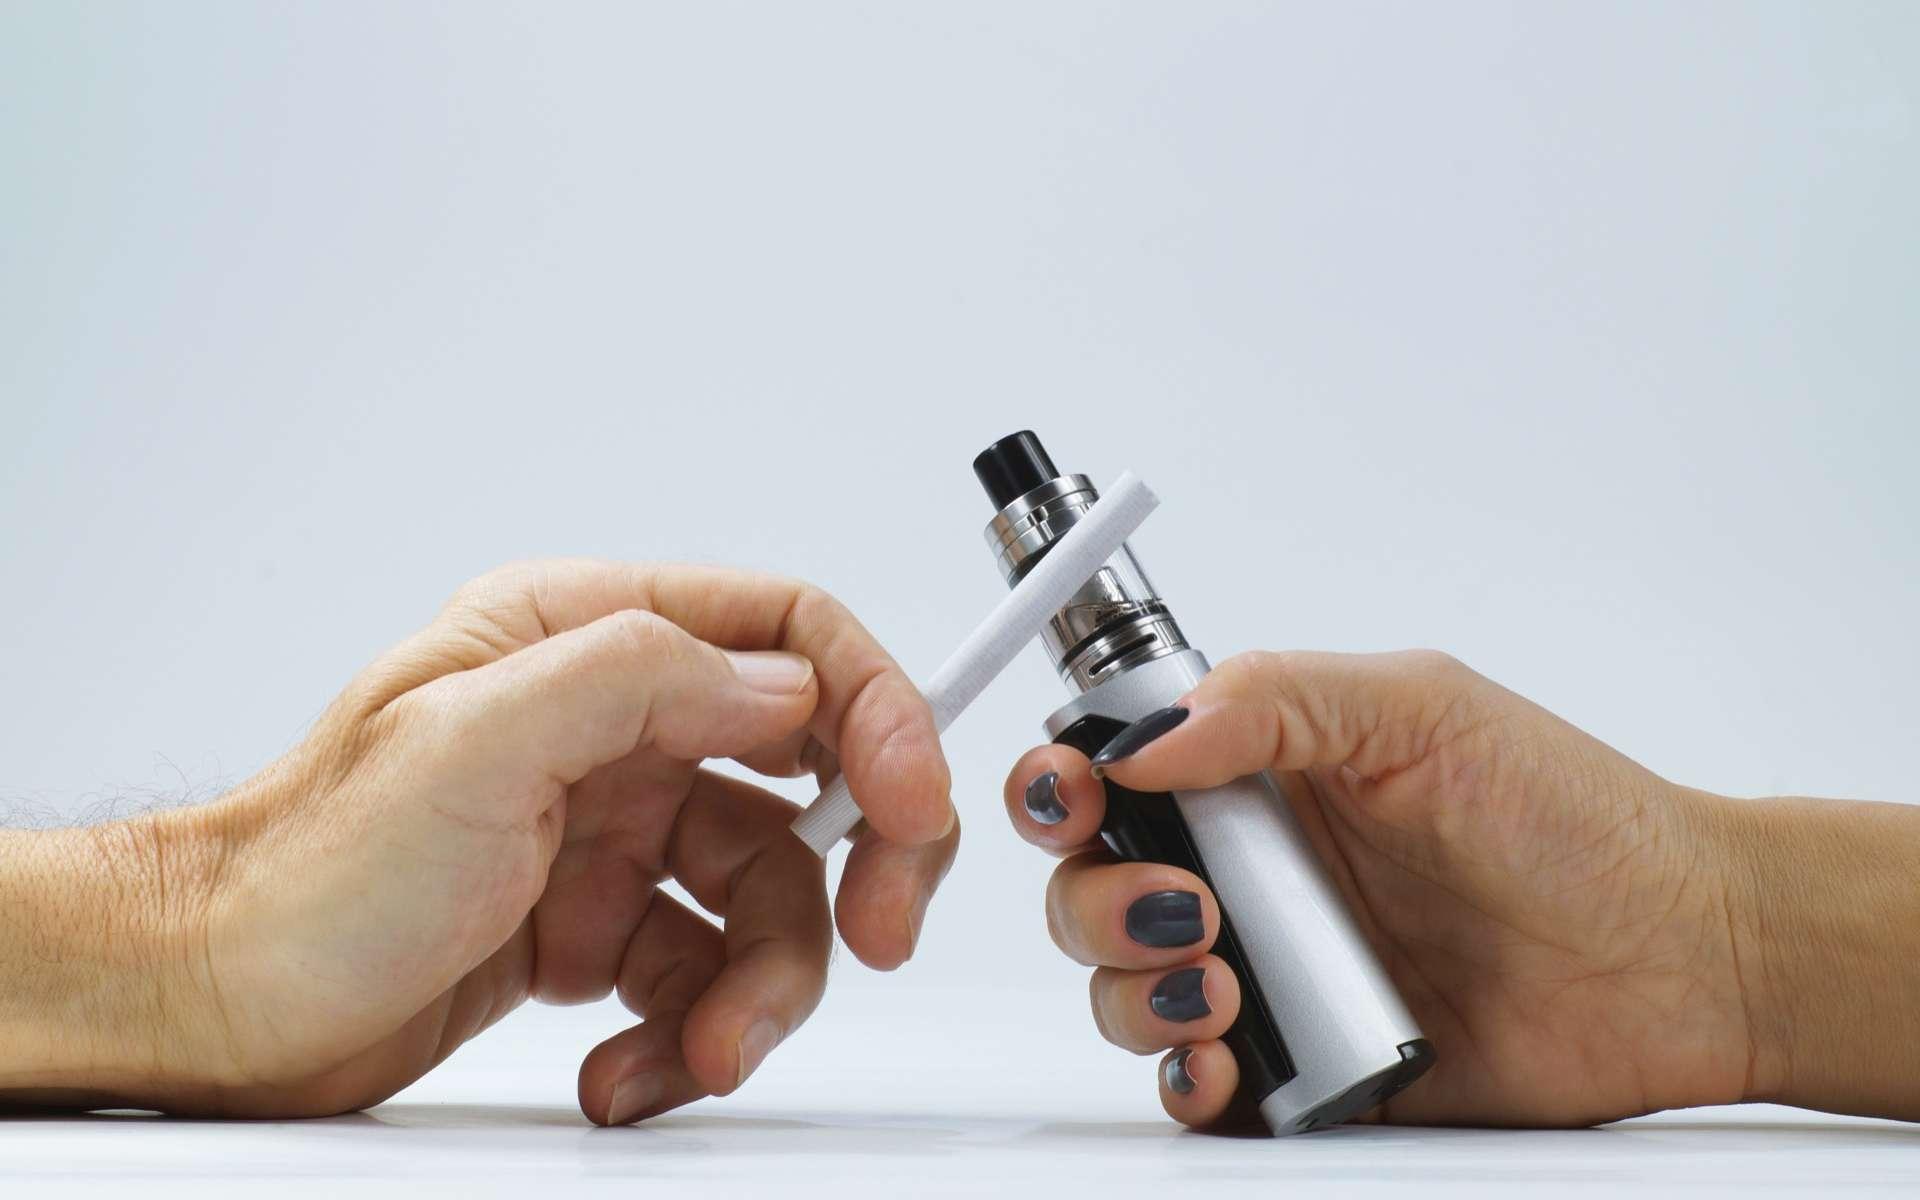 Ce marqueur biologique pourrait servir à prédire le recours à la cigarette électronique. © Wlodzimierz, Adobe Stock